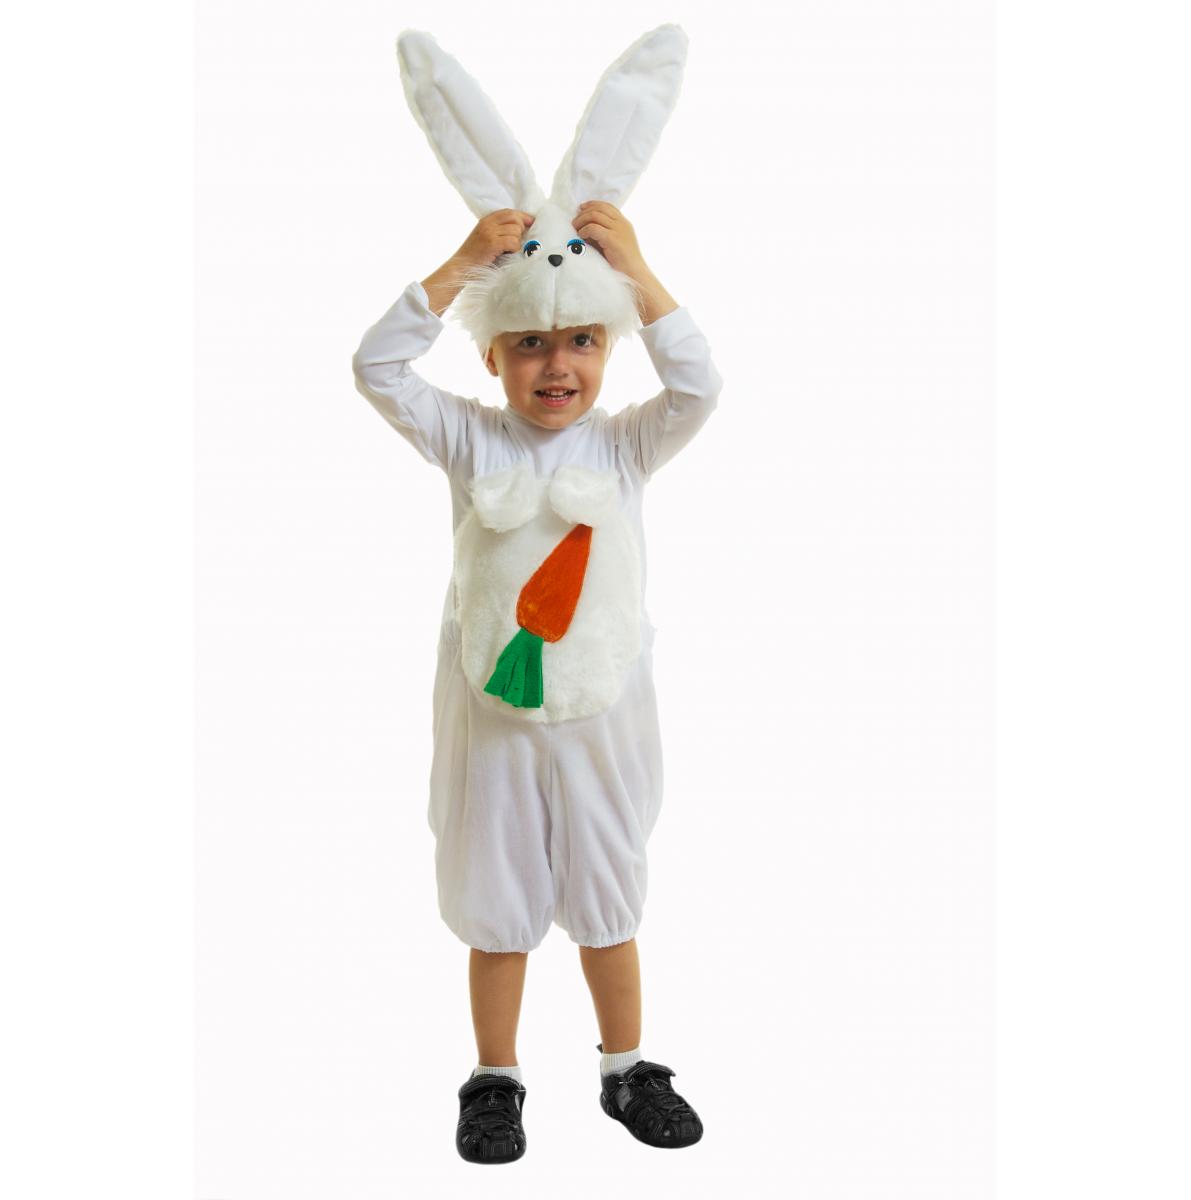 провести досуг как сделать костюм зайца своими руками фото лондону, могла обратить